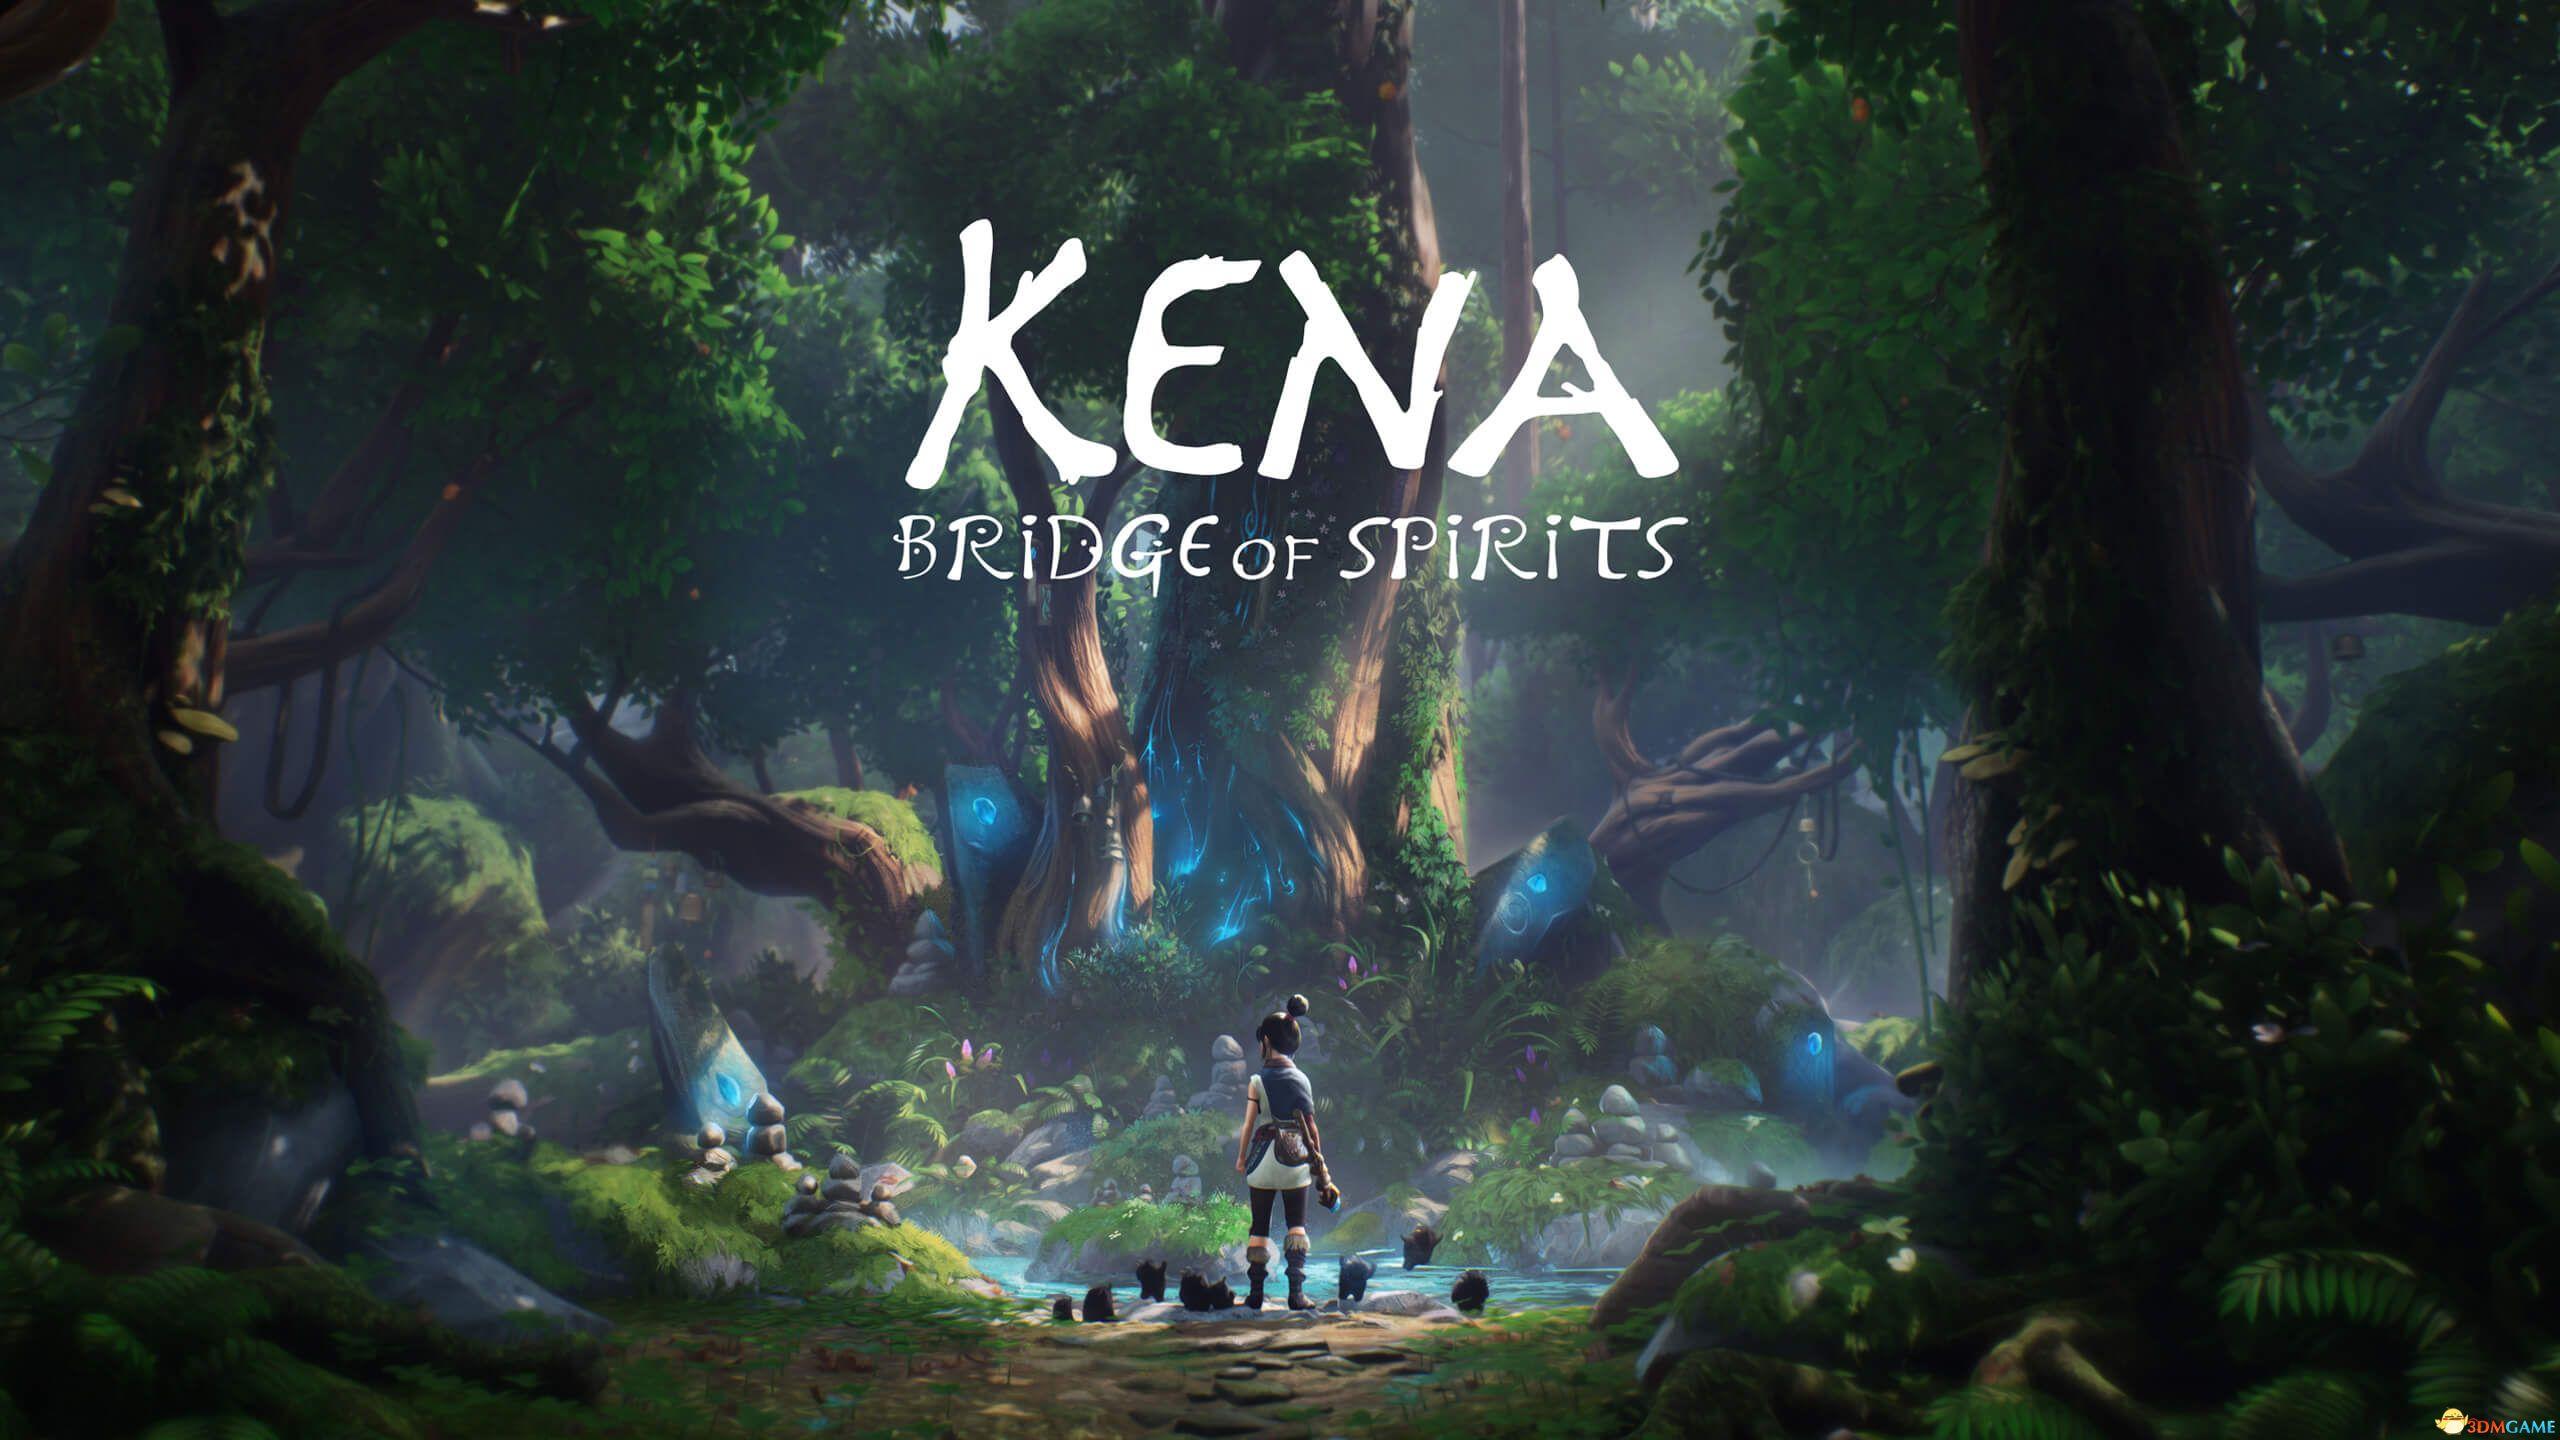 《凯娜:精神之桥》图文全剧情流程攻略 全腐灵收集全boss战攻略